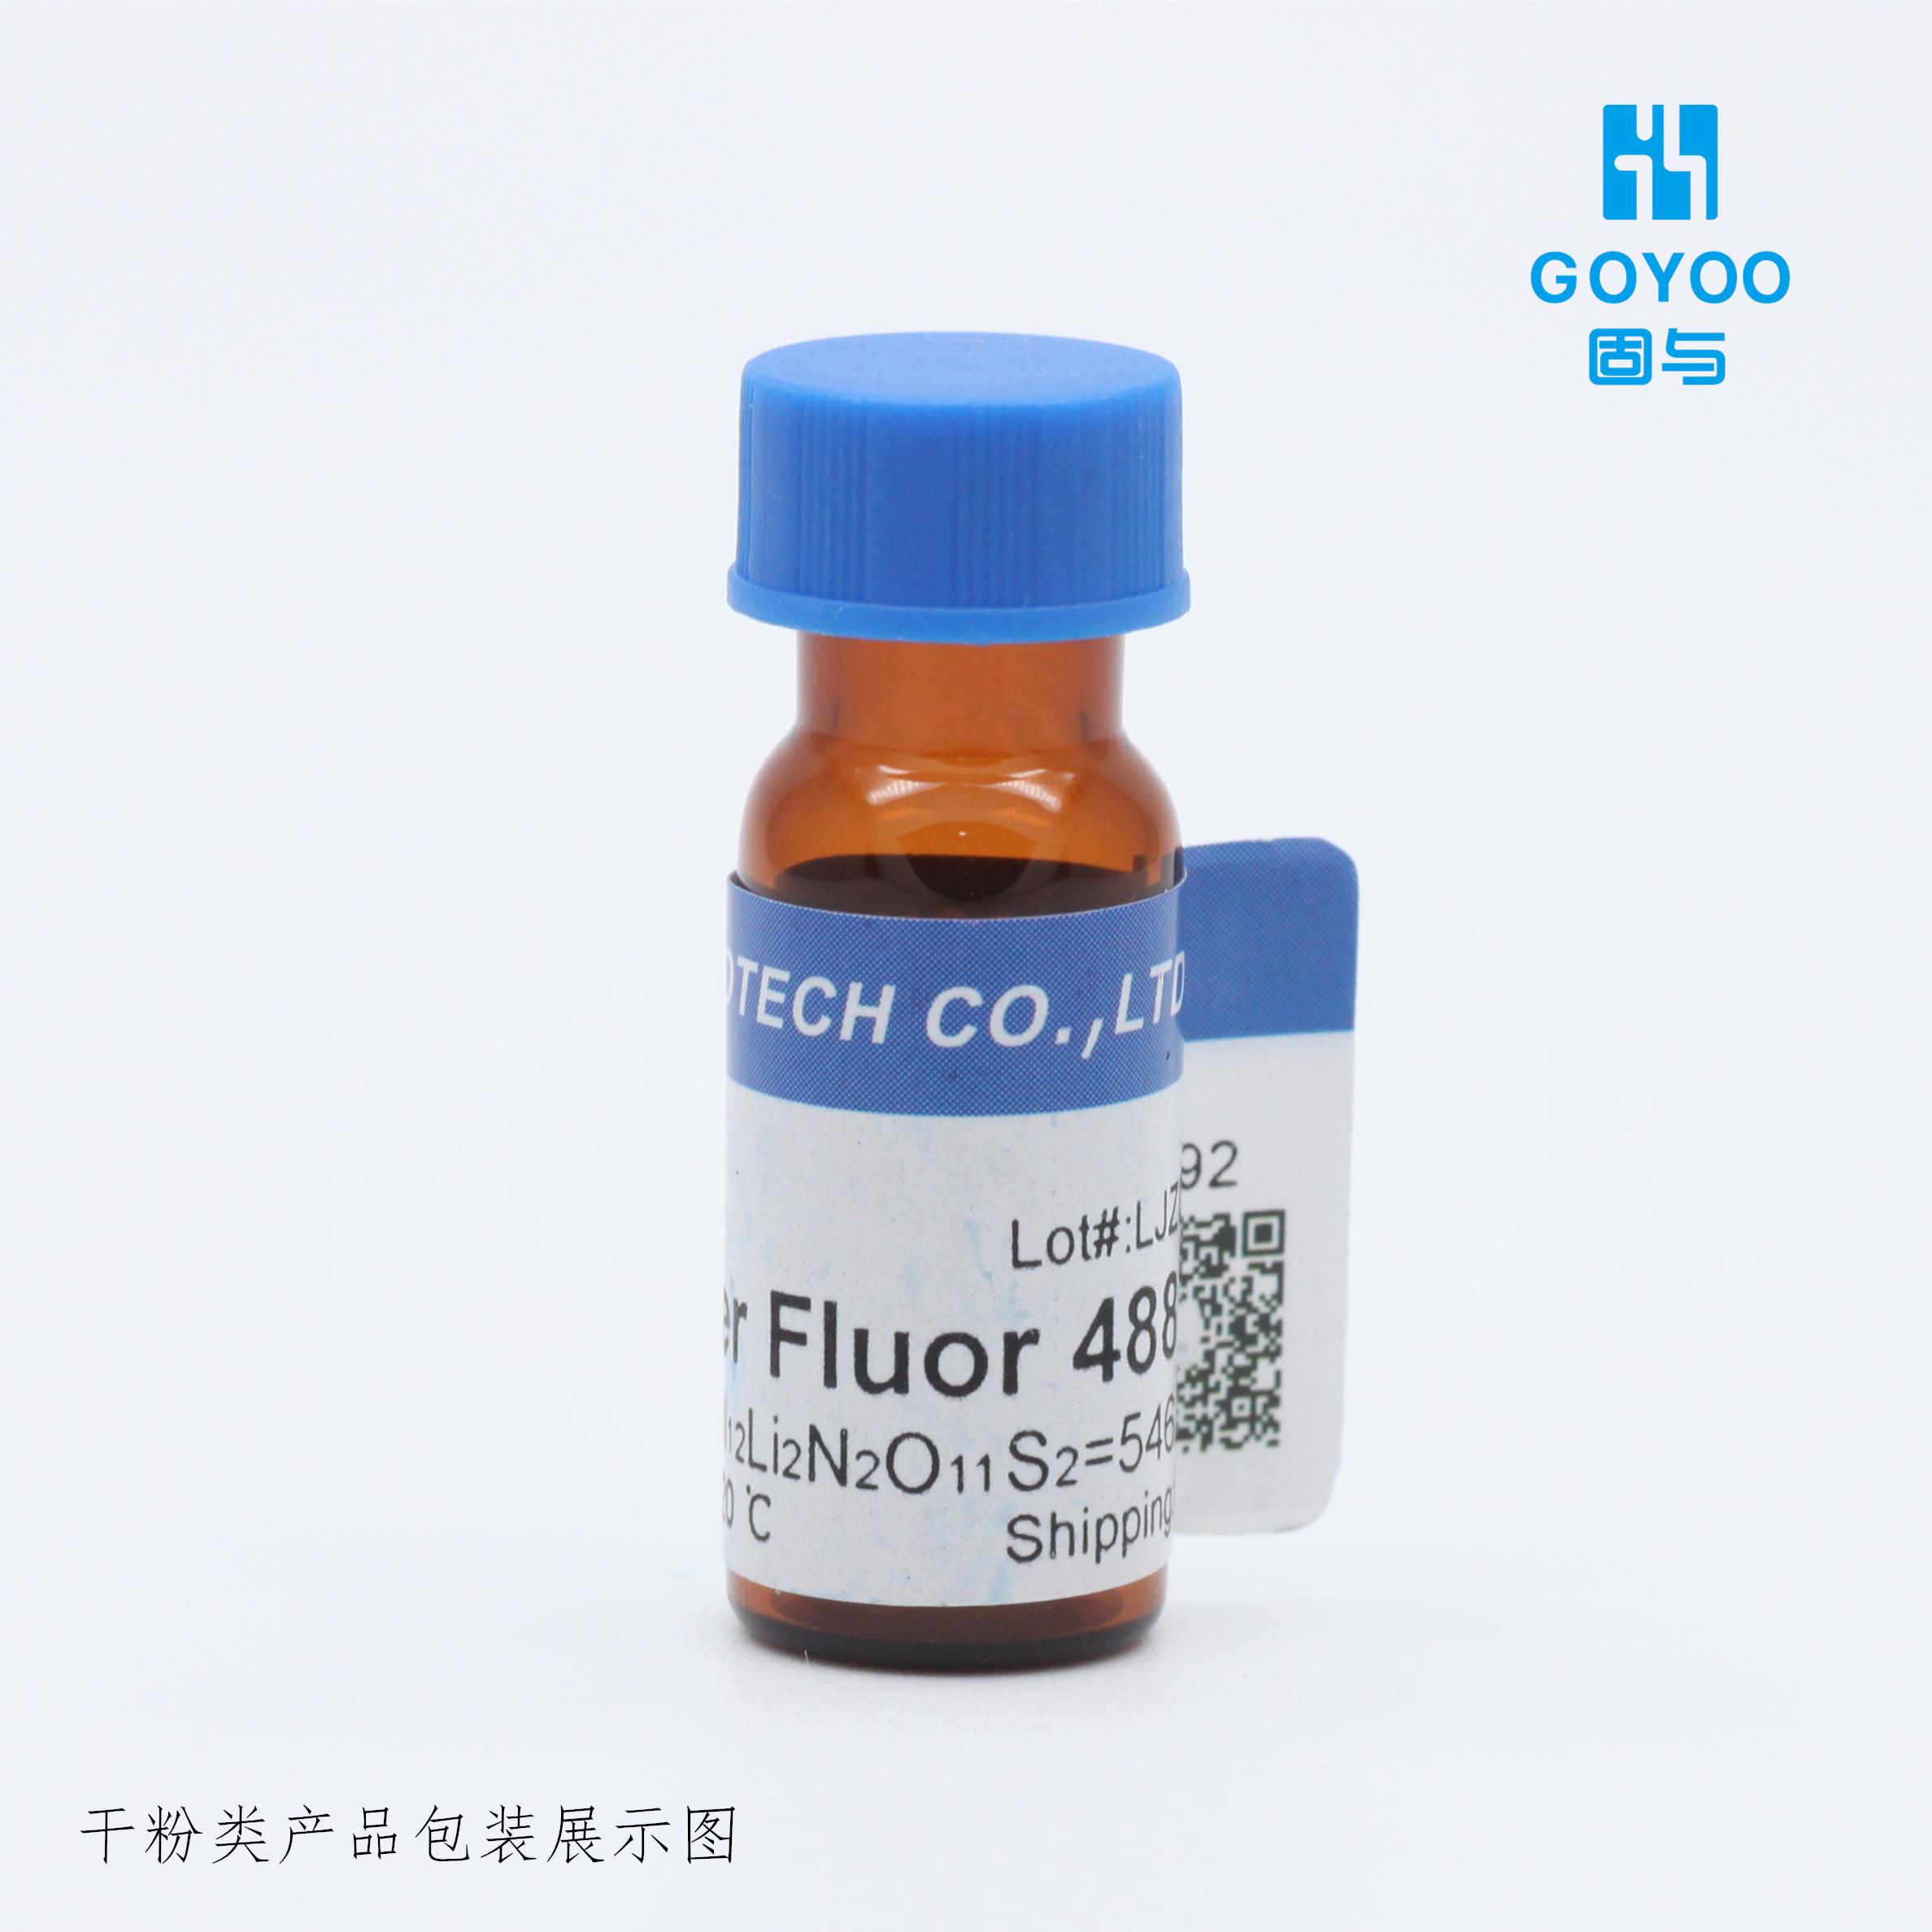 CDCFDA,SE  5(6)-羧基-2',7'-二氯二乙酸荧光素琥珀酰亚胺酯